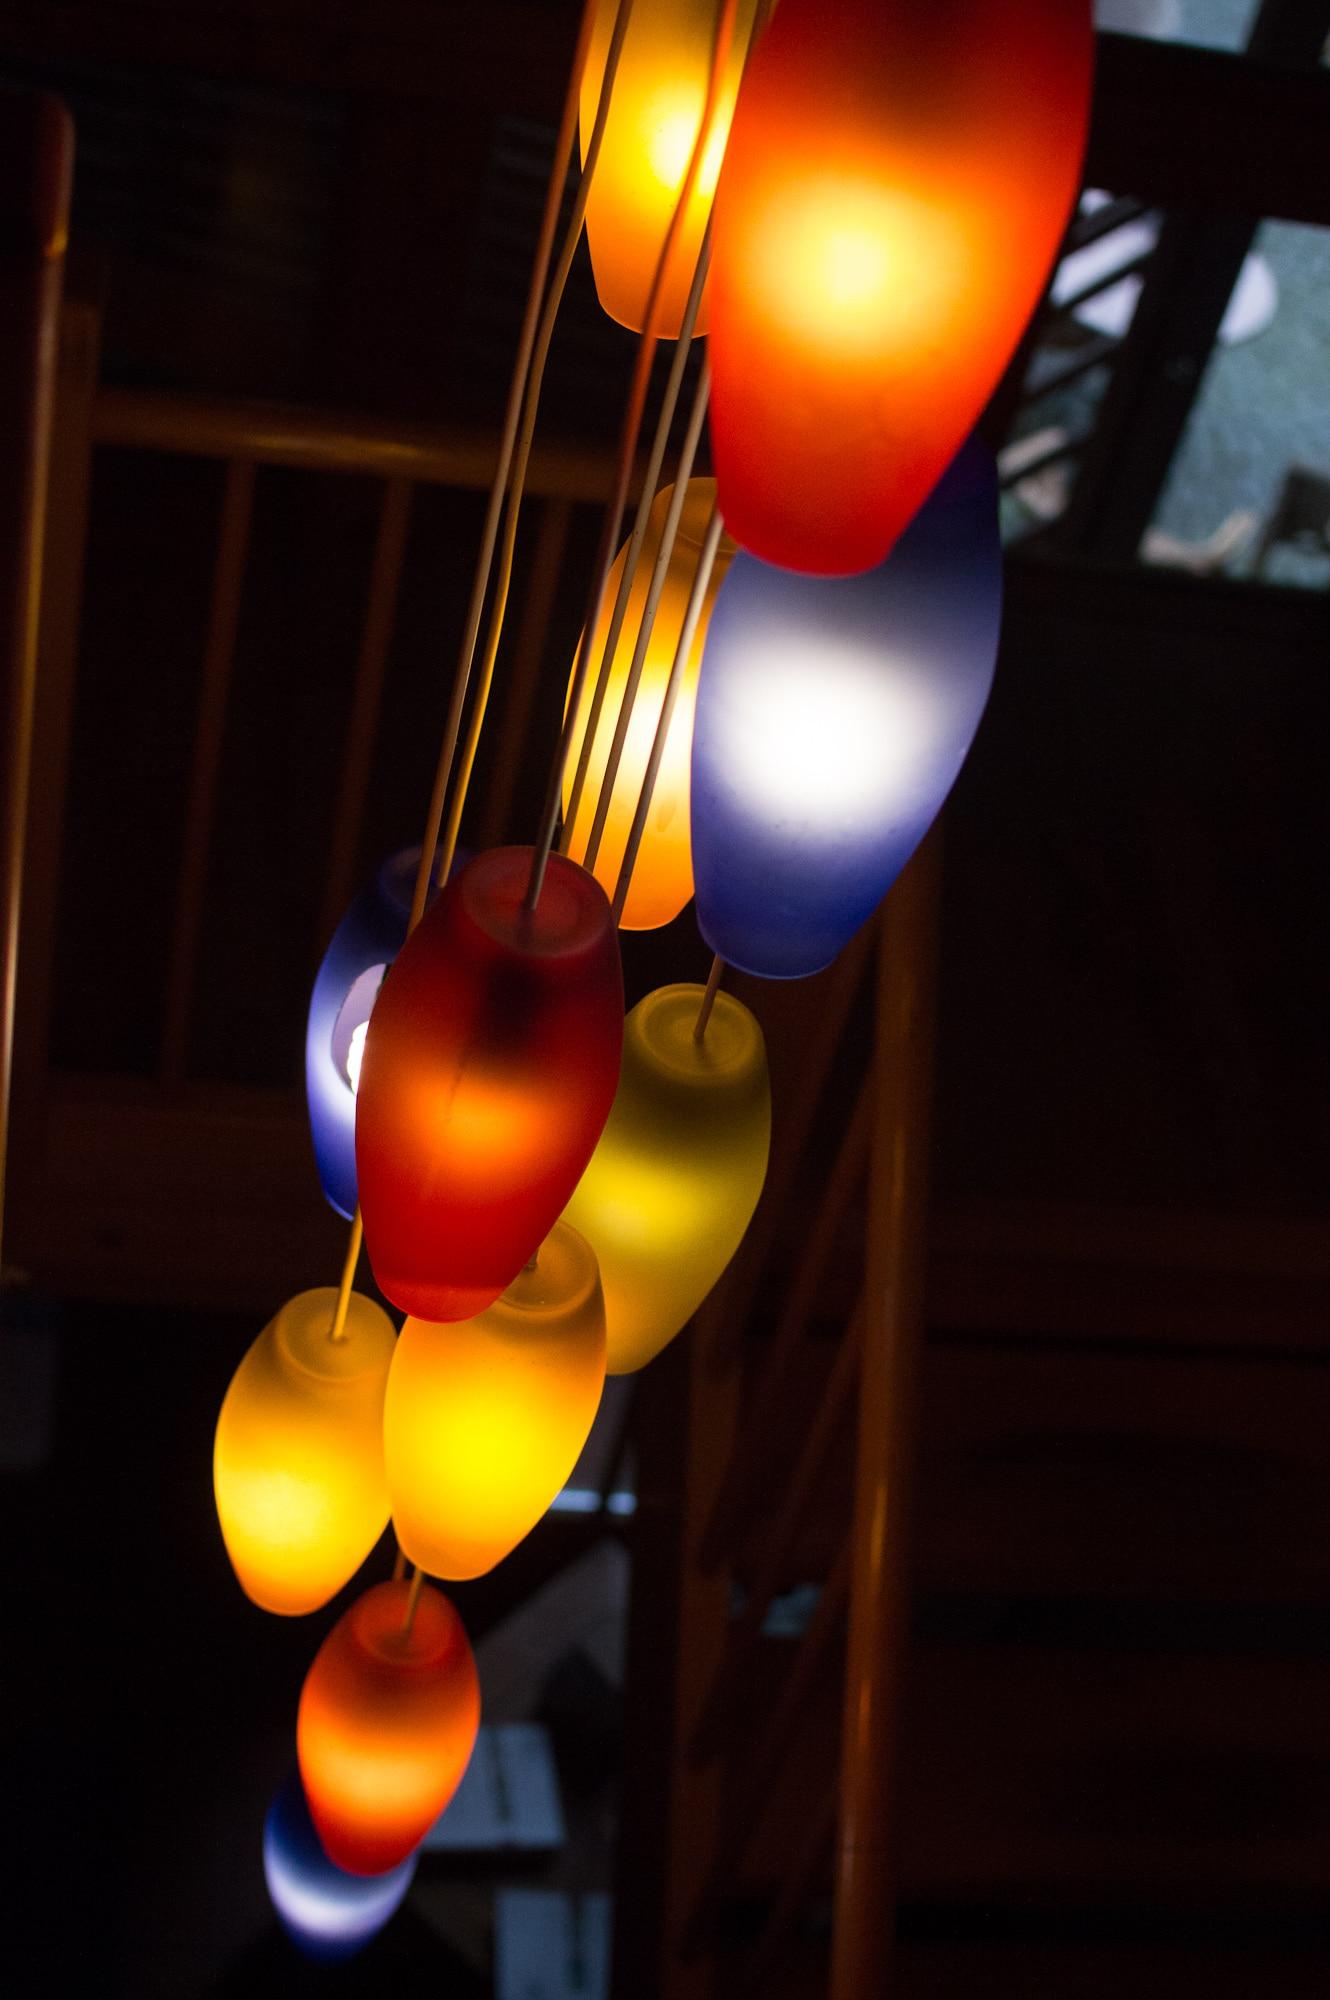 Lampen bunt gelb rot blau leuchten